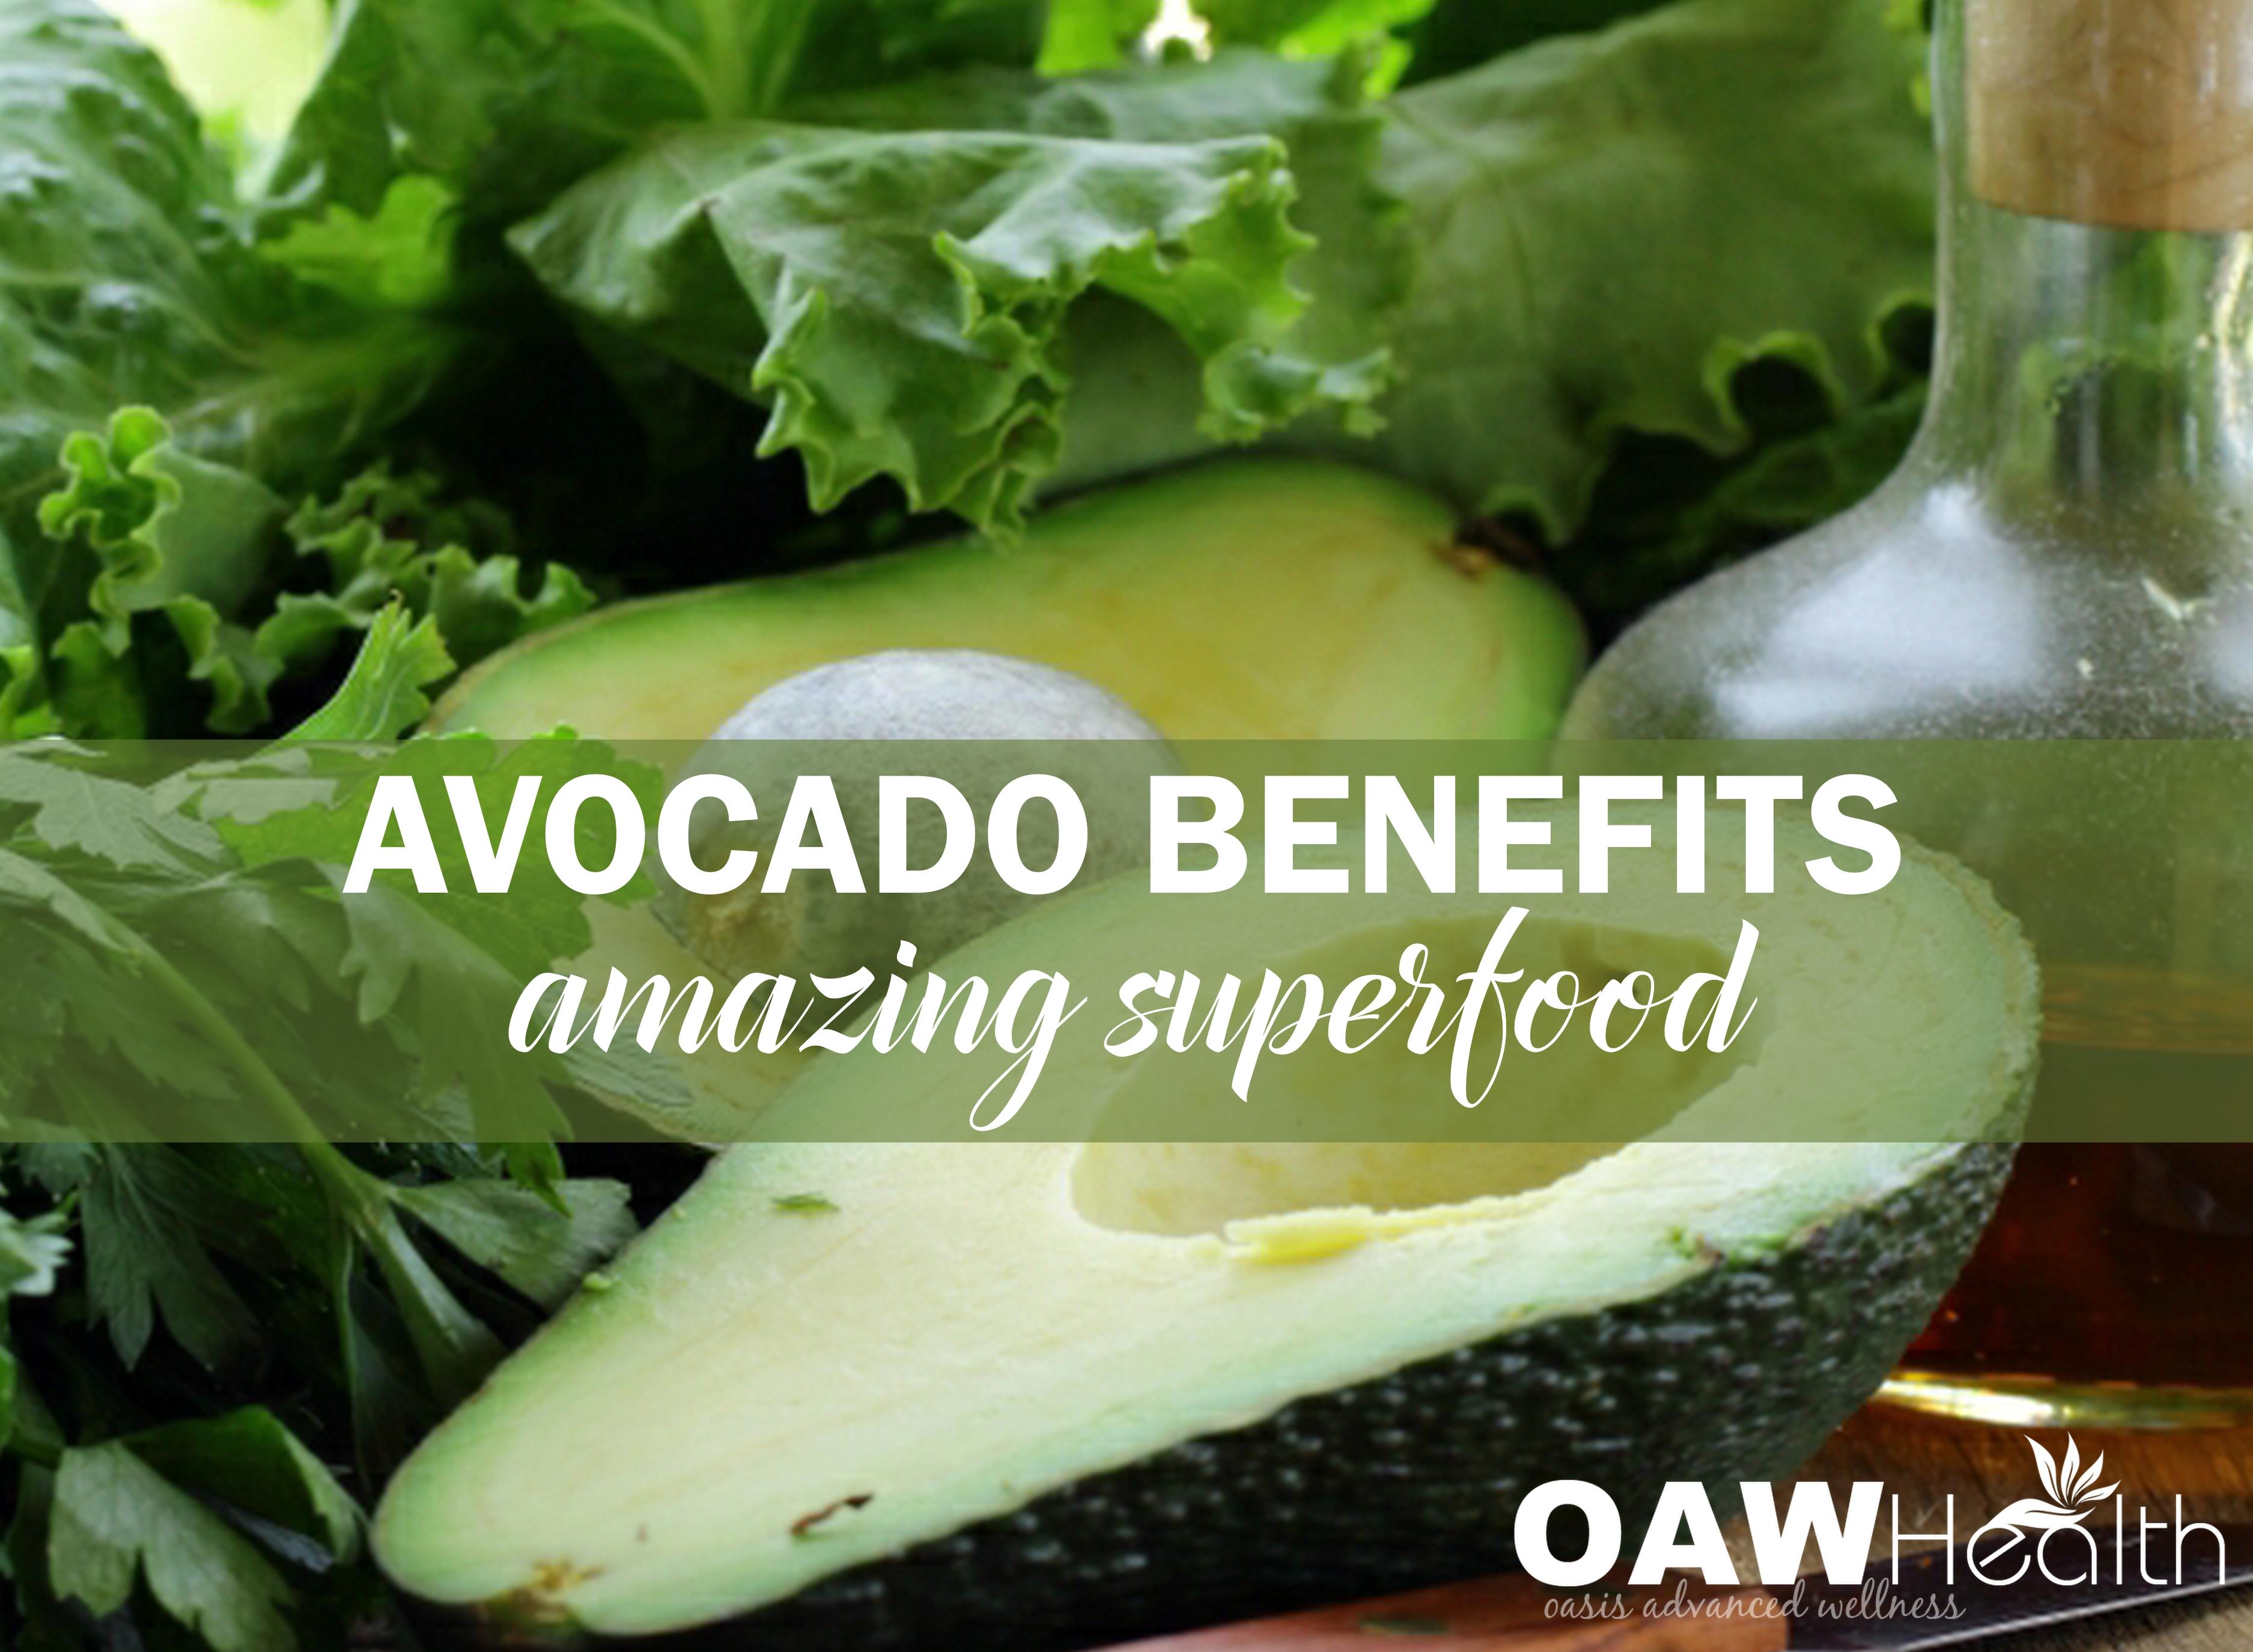 Avocado Benefits – Amazing Superfood